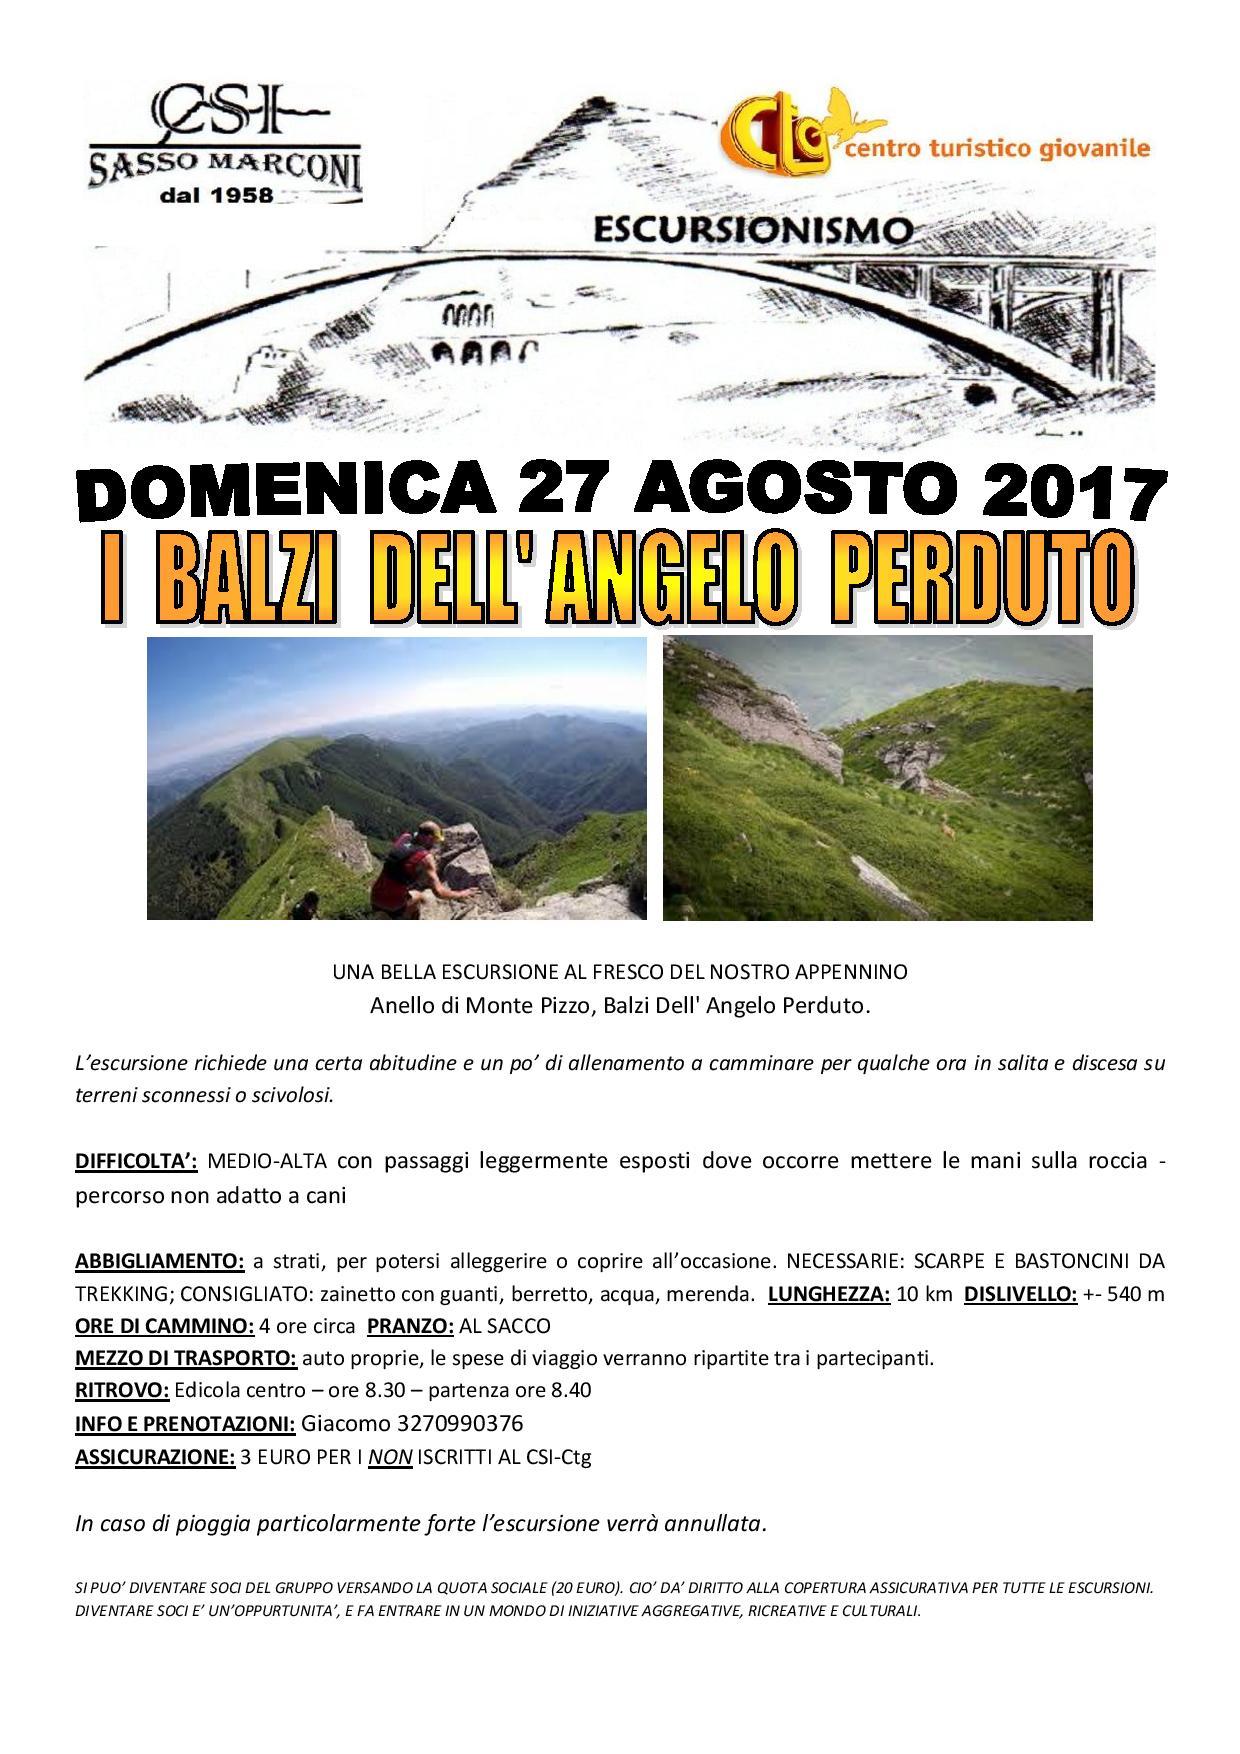 Escursioni - Anello di Monte Pizzo, Balzi Dell' Angelo Perduto.